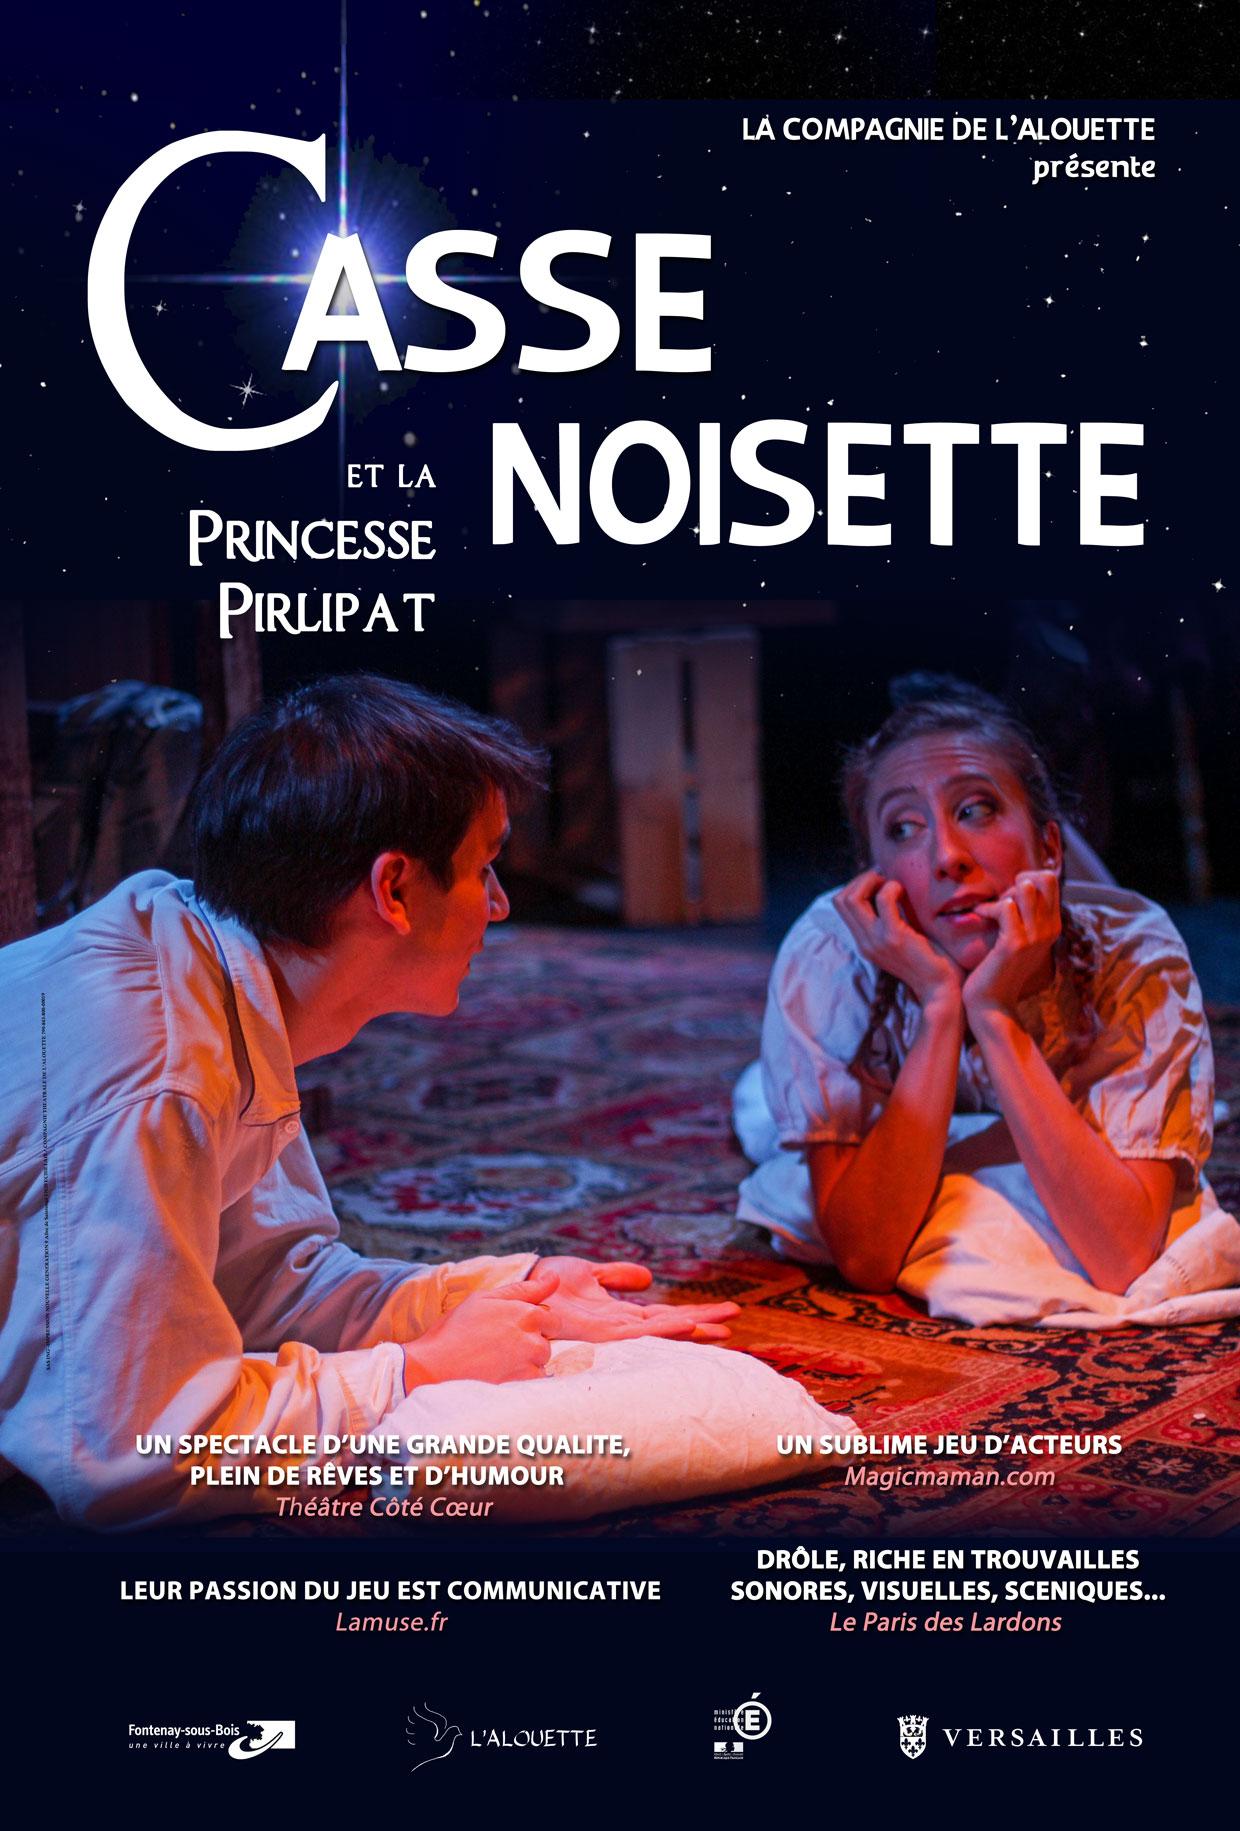 CASSE-NOISETTE et la Princesse Pirlipat - Compagnie de l 'Alouette